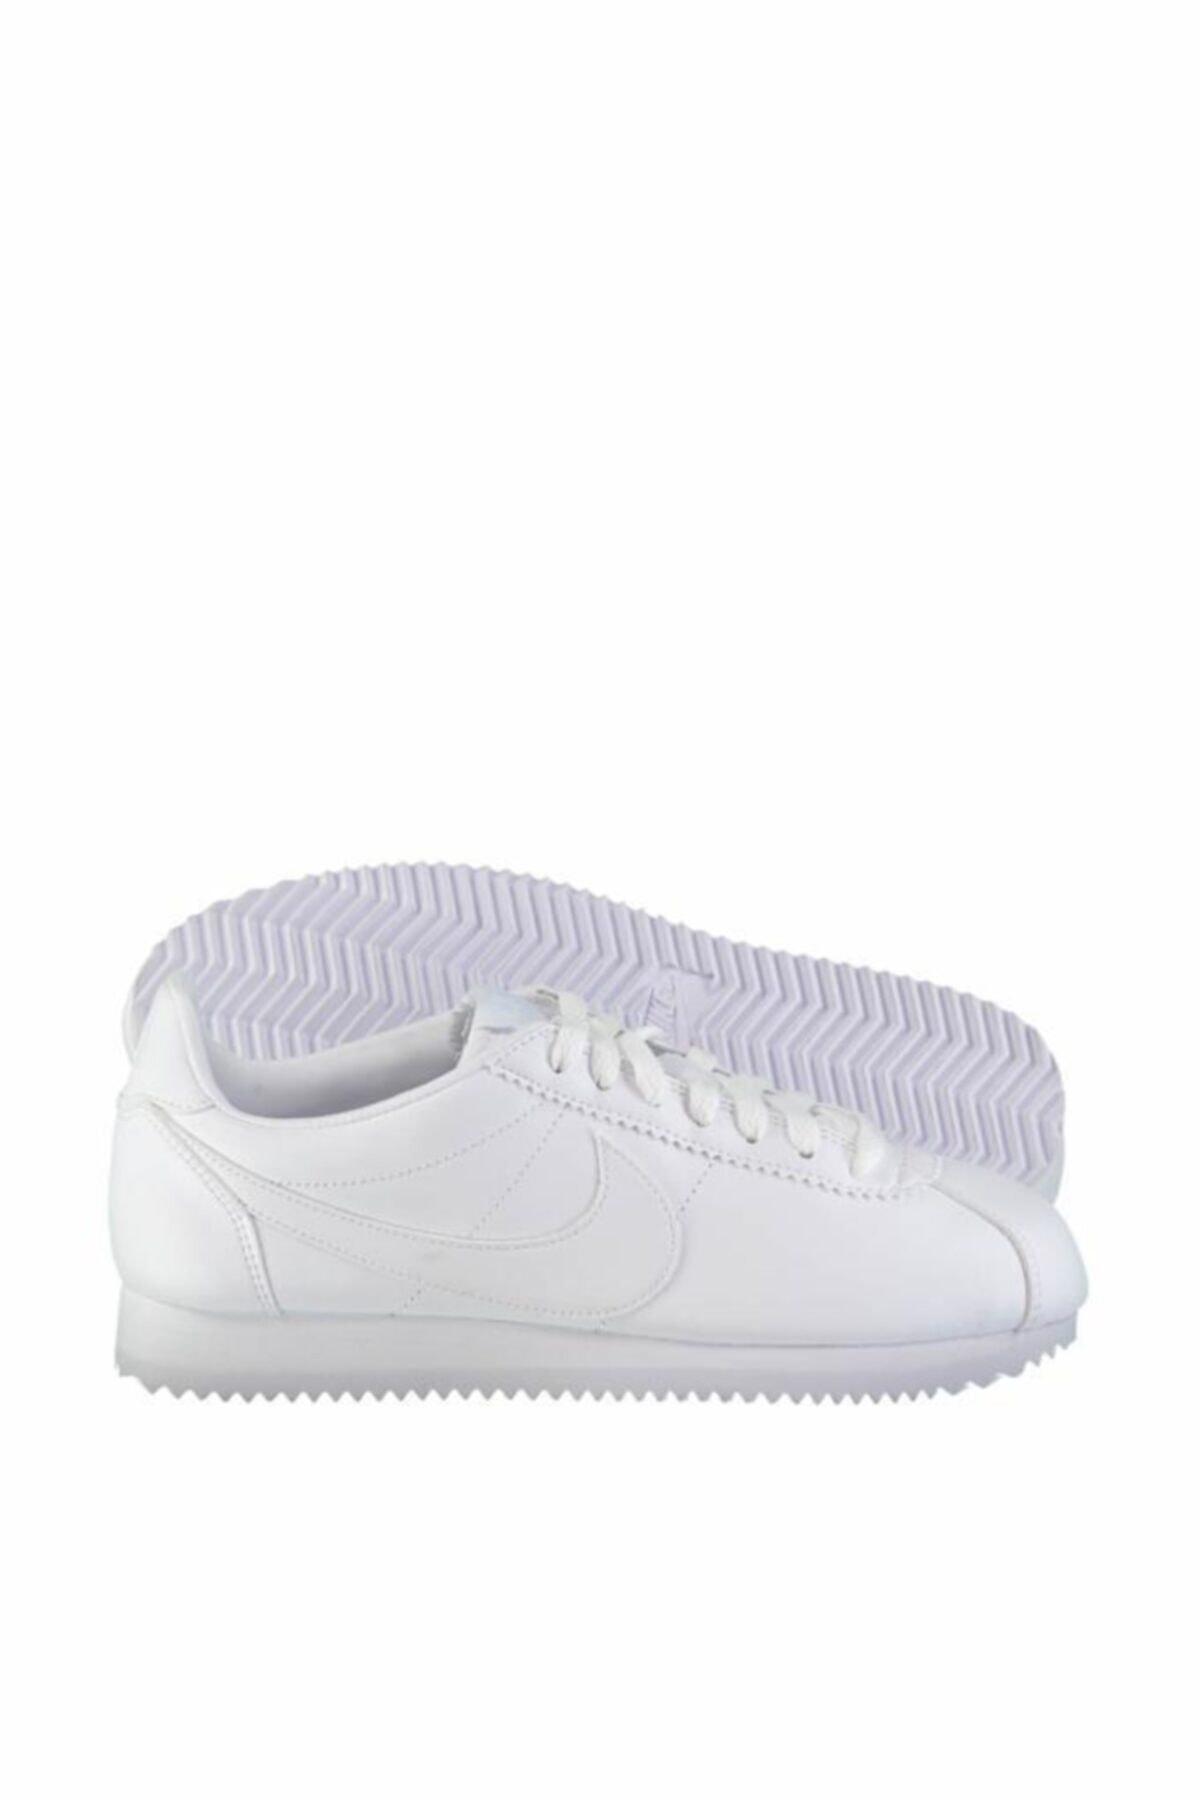 Nike Classic Cortez Leather 807471-102 Bayan Spor Ayakkabı 1